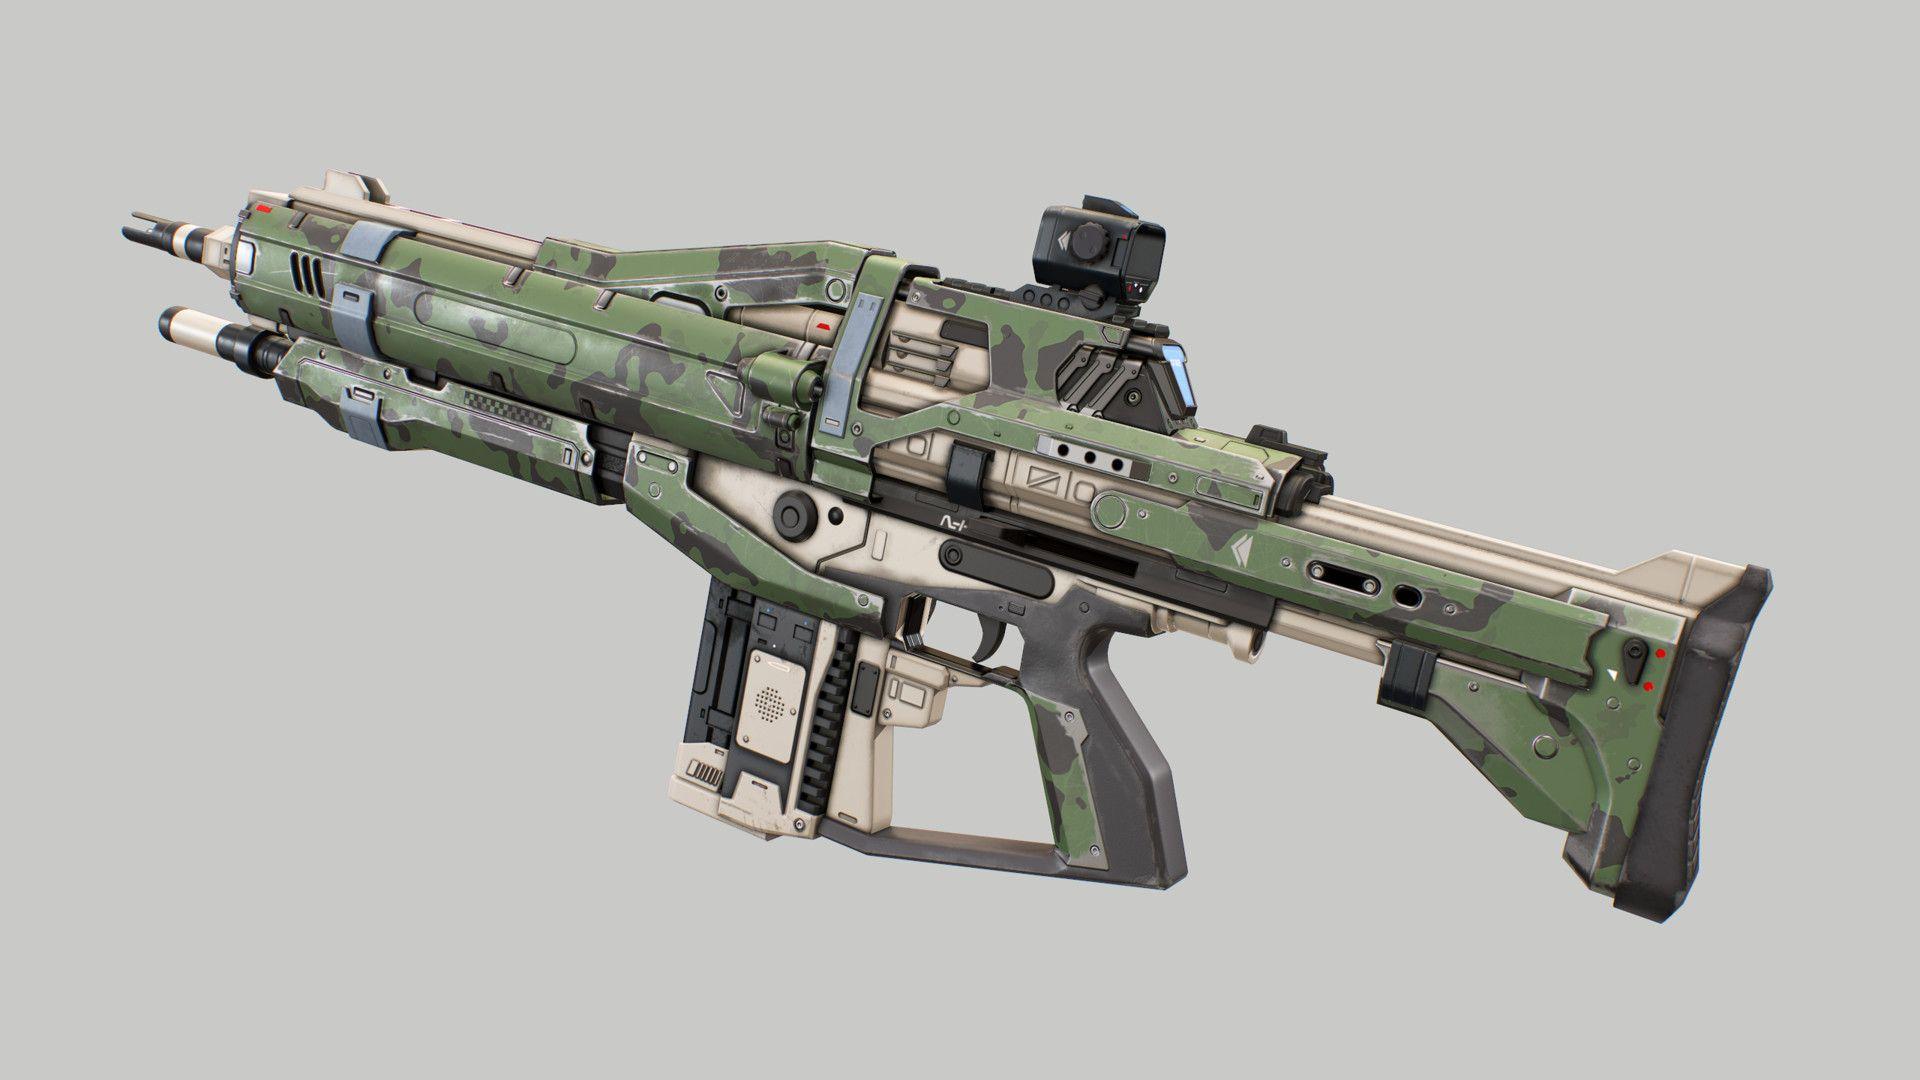 ArtStation - Assault Rifle 2 (Destiny), Dmitriy Pantyukov